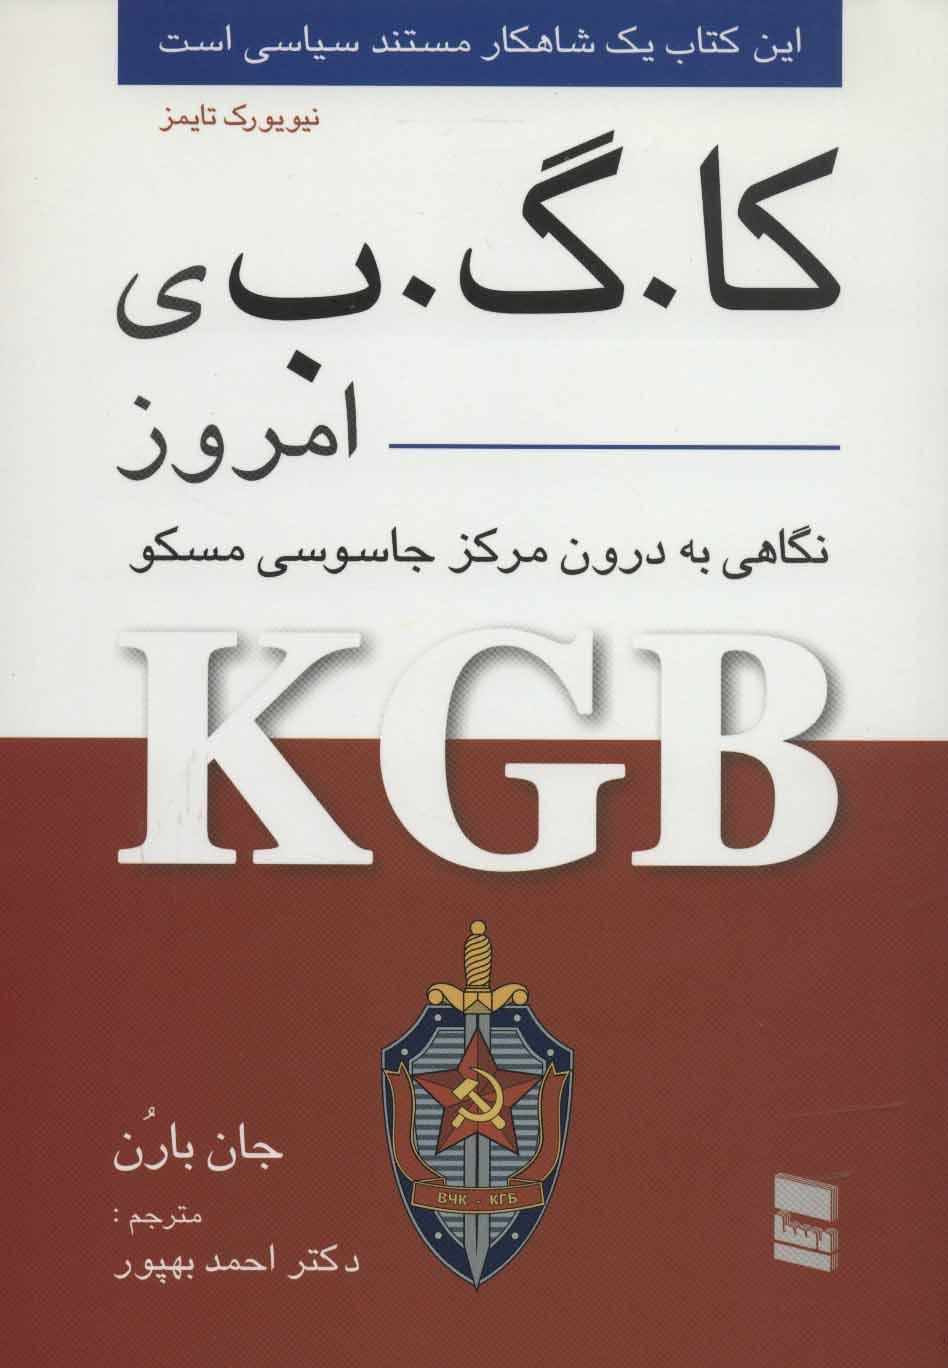 کتاب «کا. گ. ب.» ی امروز با نگاهی به درون مرکز جاسوسی مسکو